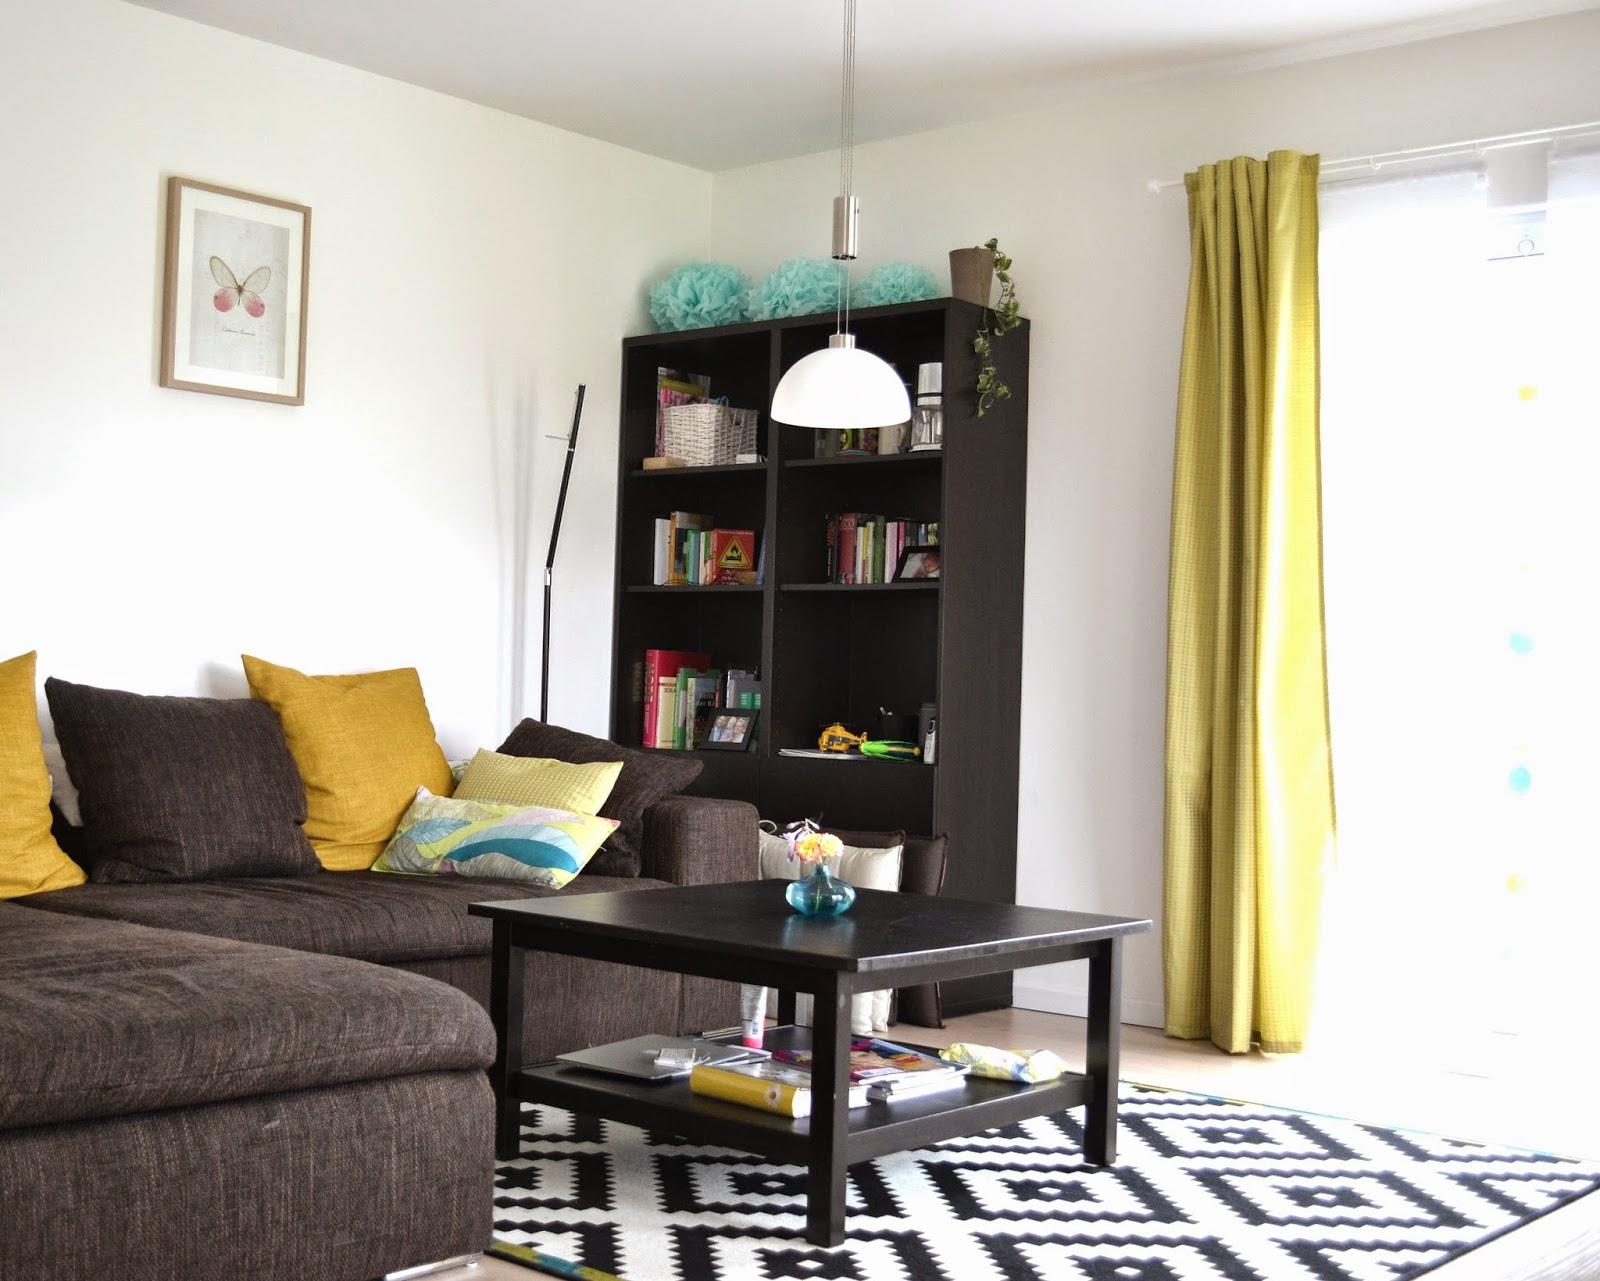 neue farben wohnzimmer : Im Lammer Busch Neue Farben F Rs Wohnzimmer Und Endlich Die